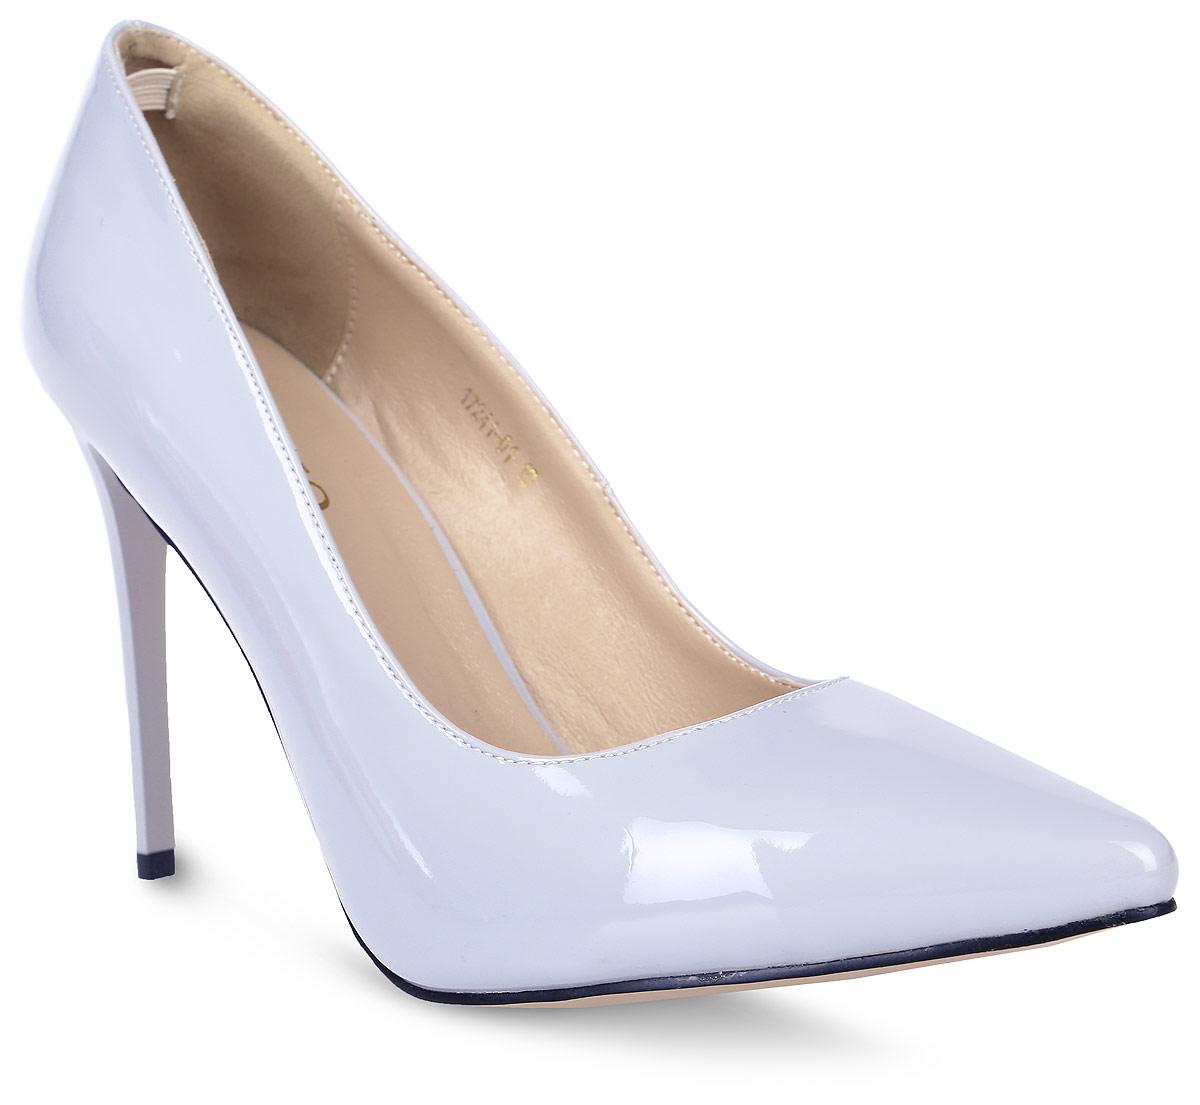 Туфли женские Inario, цвет: серый. 17241-01-10. Размер 3917241-01-10Туфли-лодочки Inario выполнены из искусственной лаковой кожи. Внутренняя поверхность и стелька из искусственной кожи обеспечат комфорт при движении. Подошва выполнена из полимера. Модель имеет острый мысок и высокий каблук-шпильку.